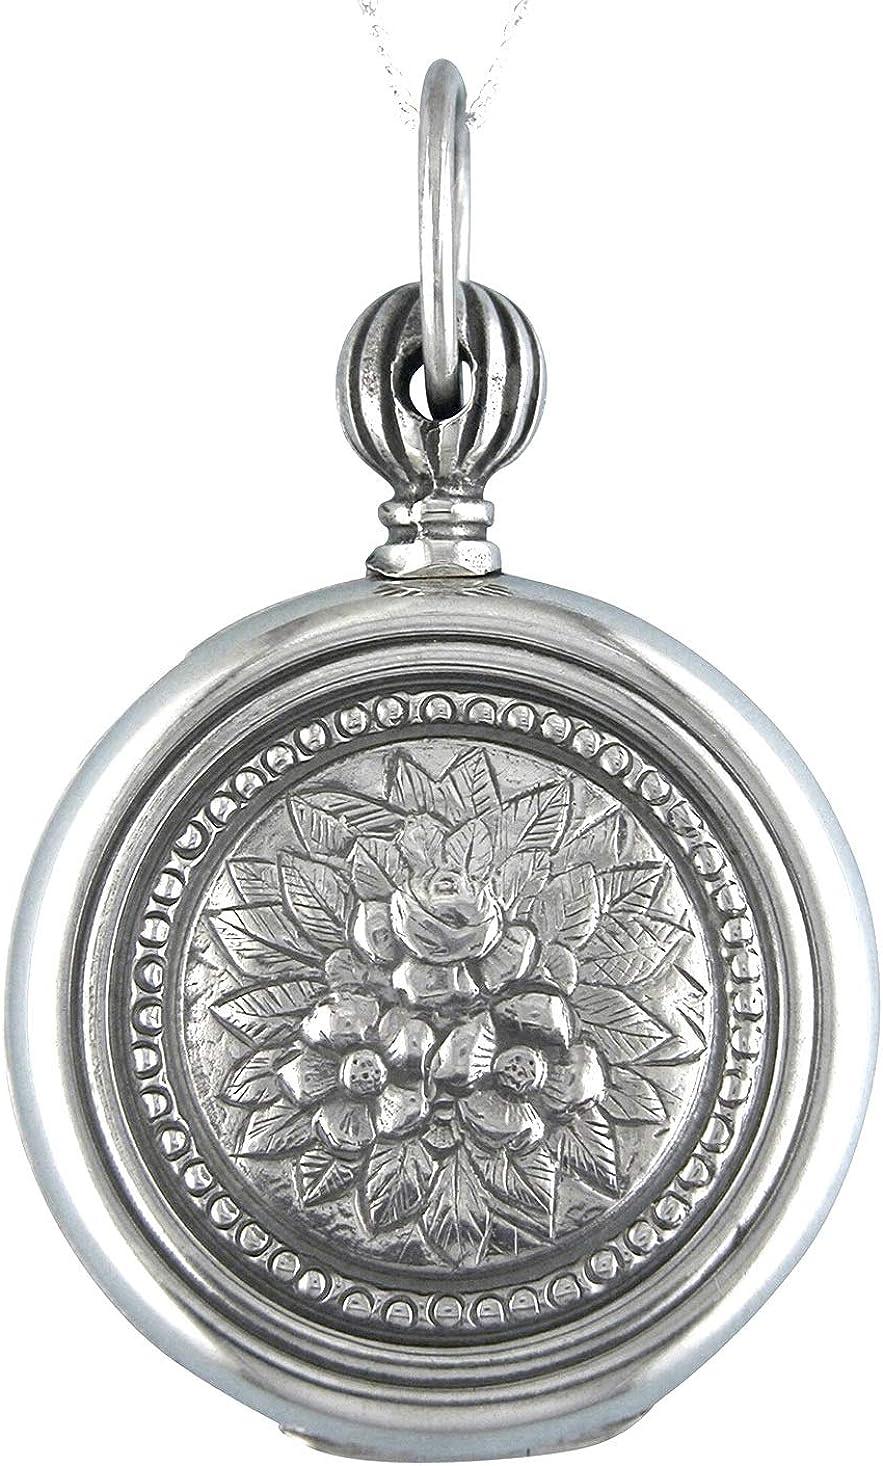 Alylosilver Collar Colgante Guardapelo de Plata para Mujer Redondo con Flores - Incluye Cadena de Plata de 45 cm y Estuche para Regalo